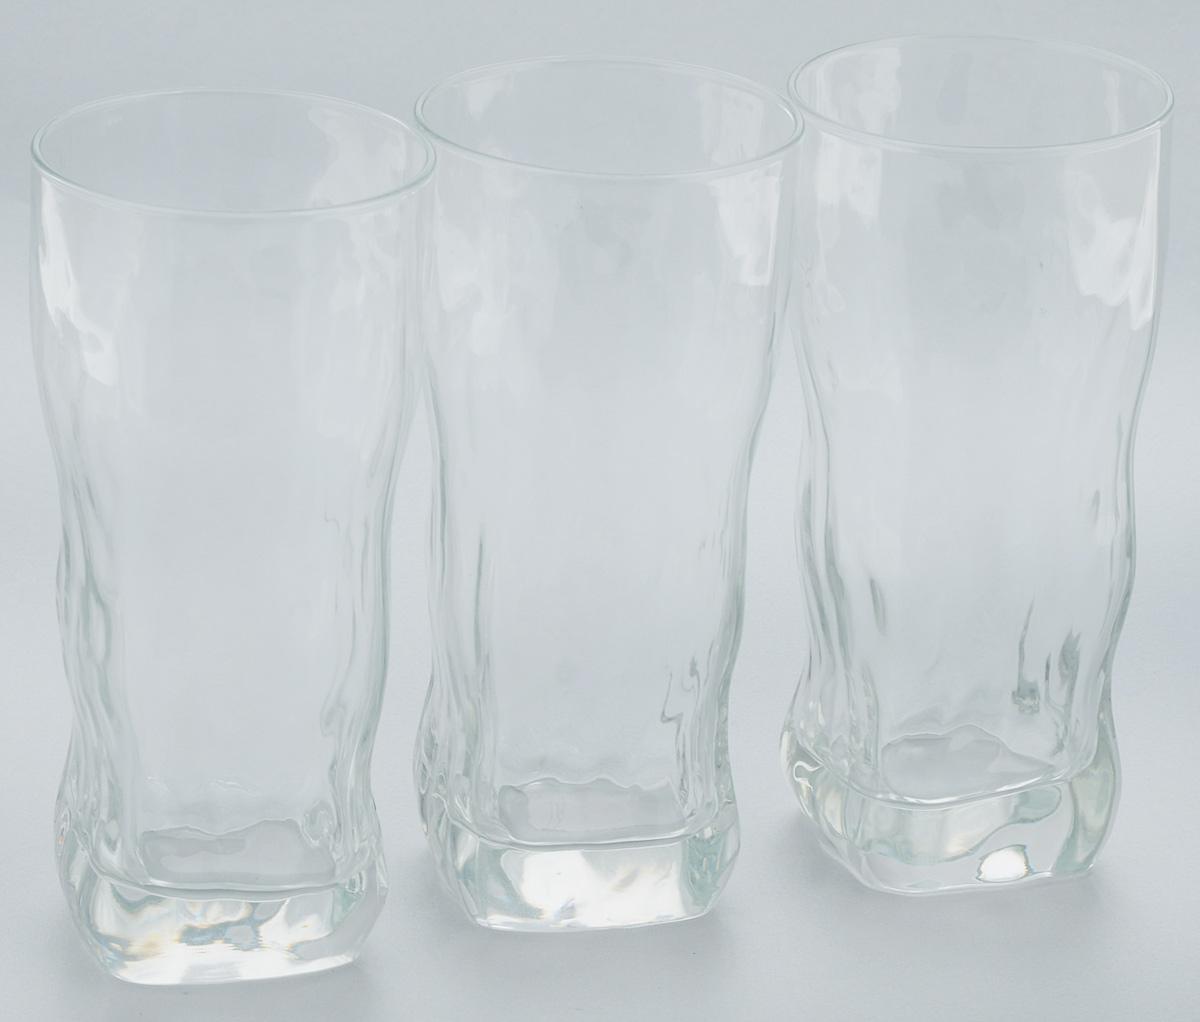 Набор стаканов Luminarc Icy, 400 мл, 3 штVT-1520(SR)Набор Luminarc Icy состоит из 3 стаканов, выполненных из стекла. Они отличаются особой легкостью и прочностью, излучают приятный блеск и издают мелодичный хрустальный звон. Стаканы станут идеальным украшением праздничного стола и отличным подарком к любому празднику.Можно мыть в посудомоечной машине.Диаметр стакана по верхнему краю: 7 см.Высота: 15,5 см.